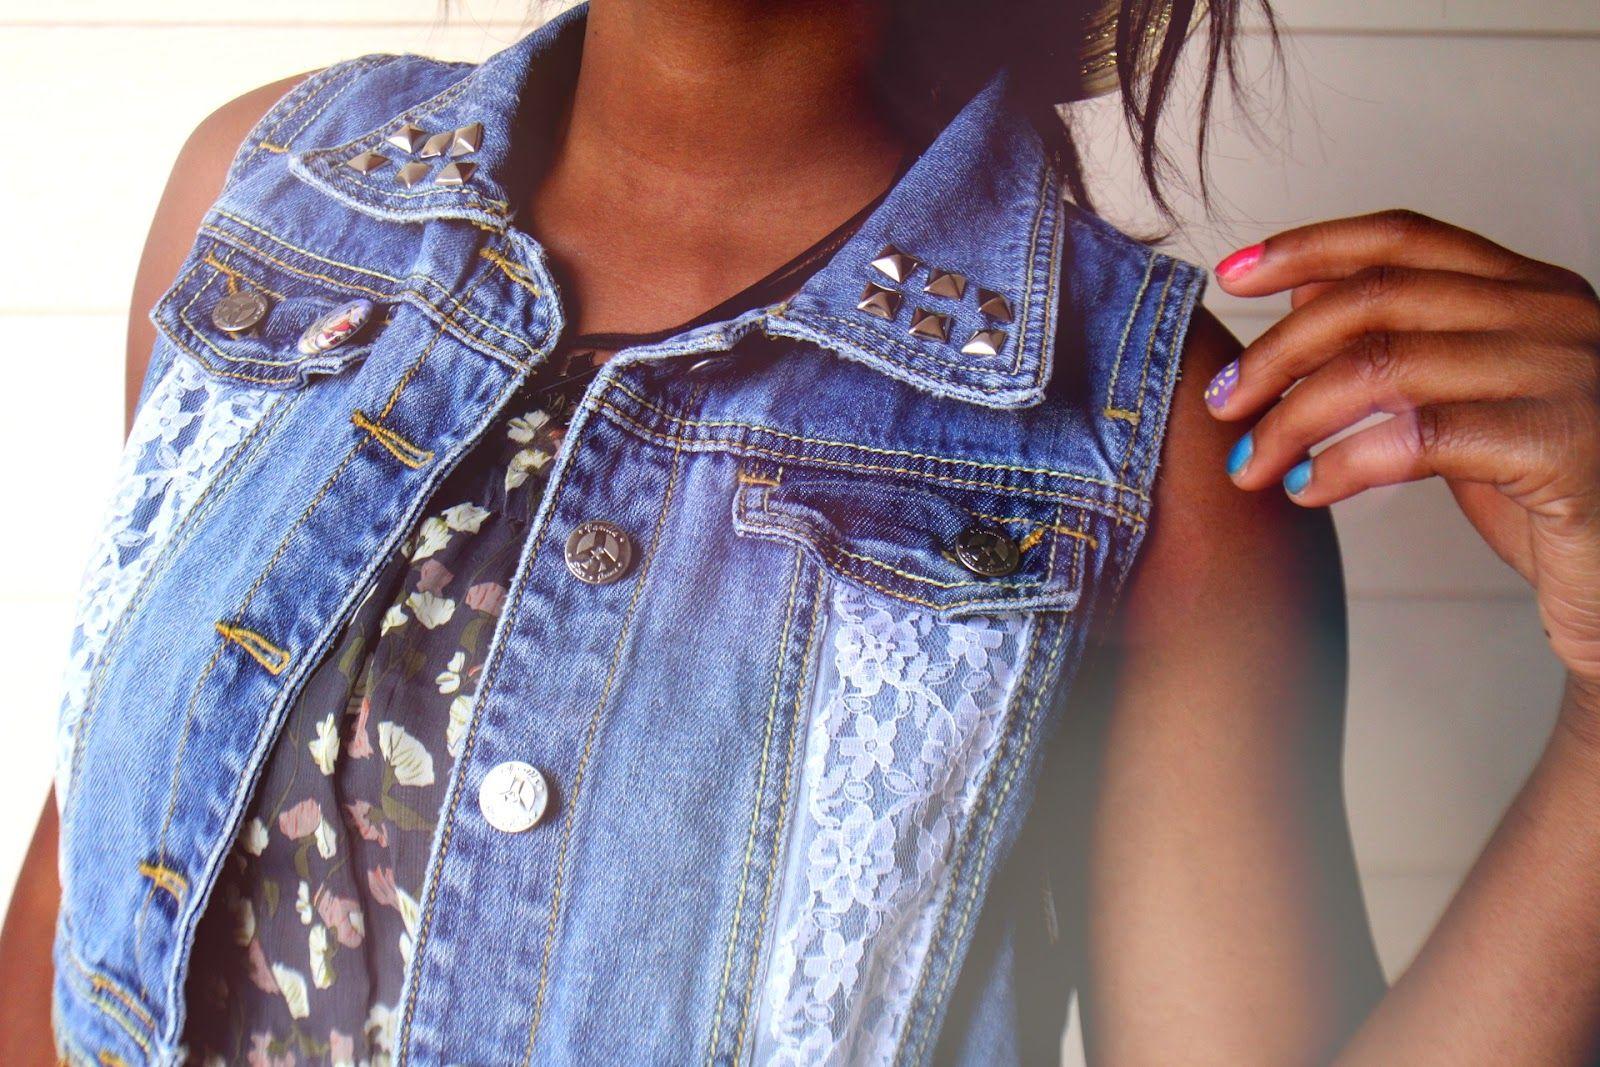 плечами как украсить жилетку джинсовую своими руками фото один